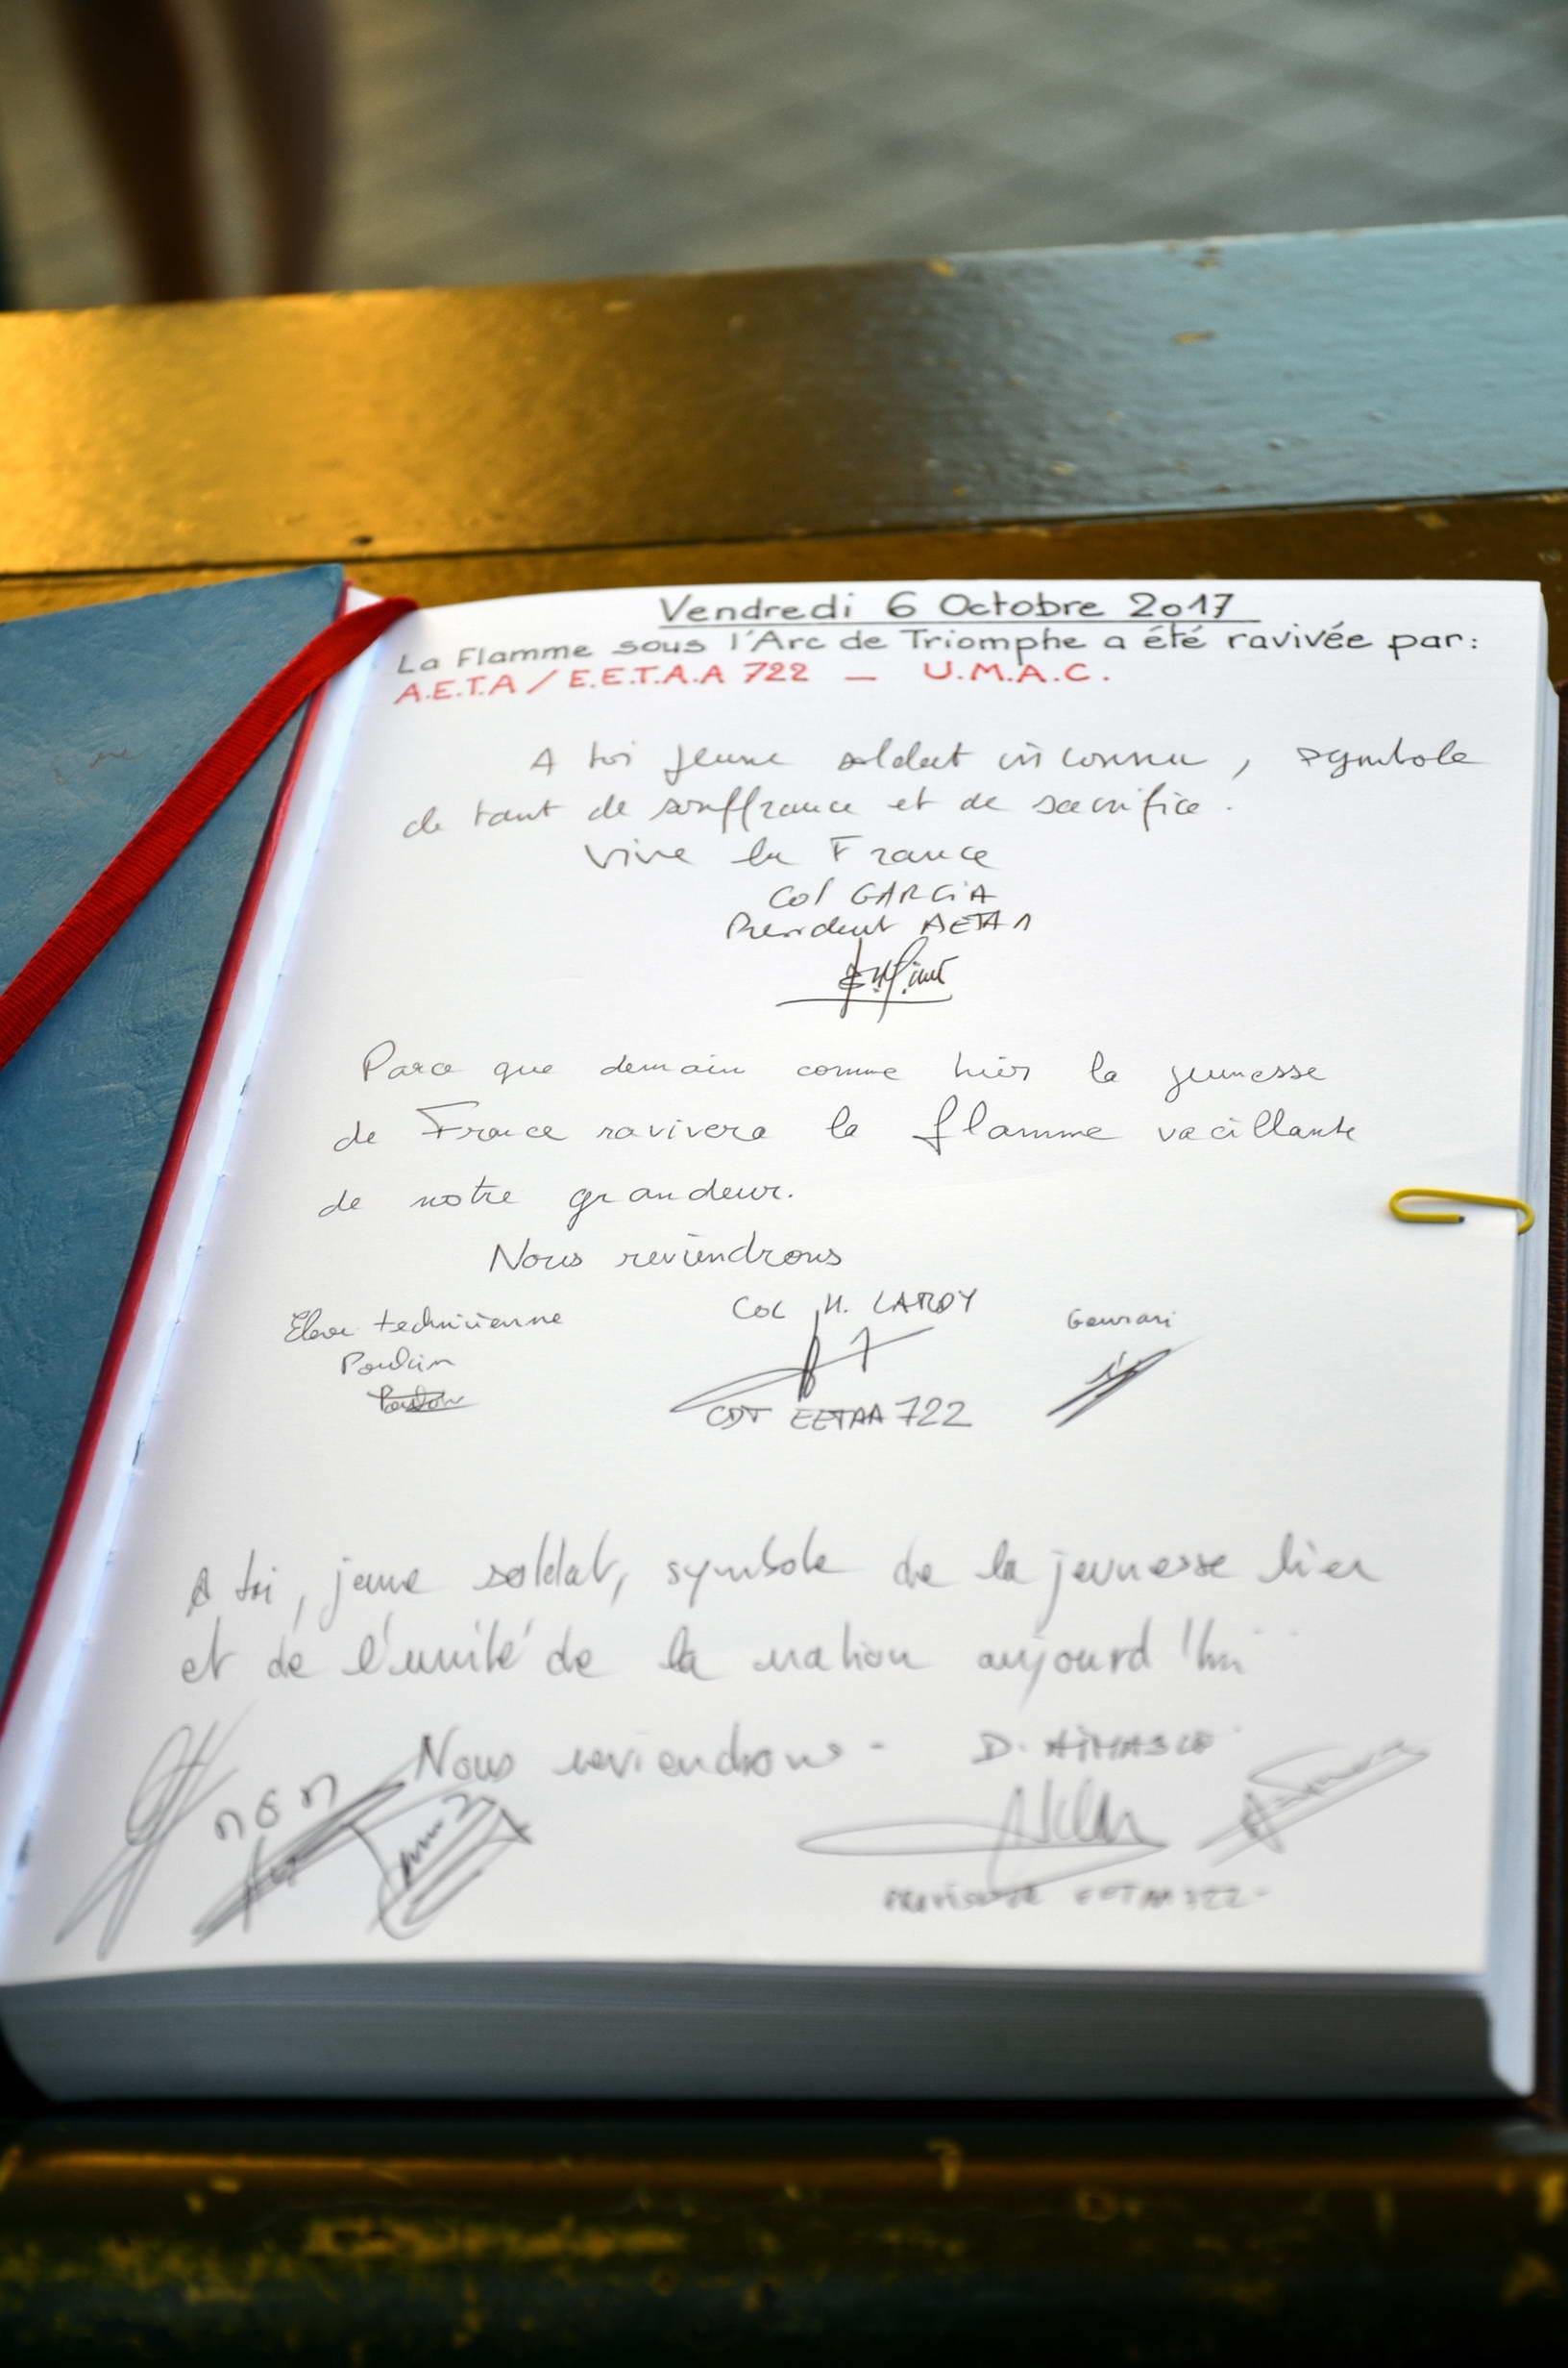 RAVIVAGE DE LA FLAMME SACRÉE PAR l'AETA 92